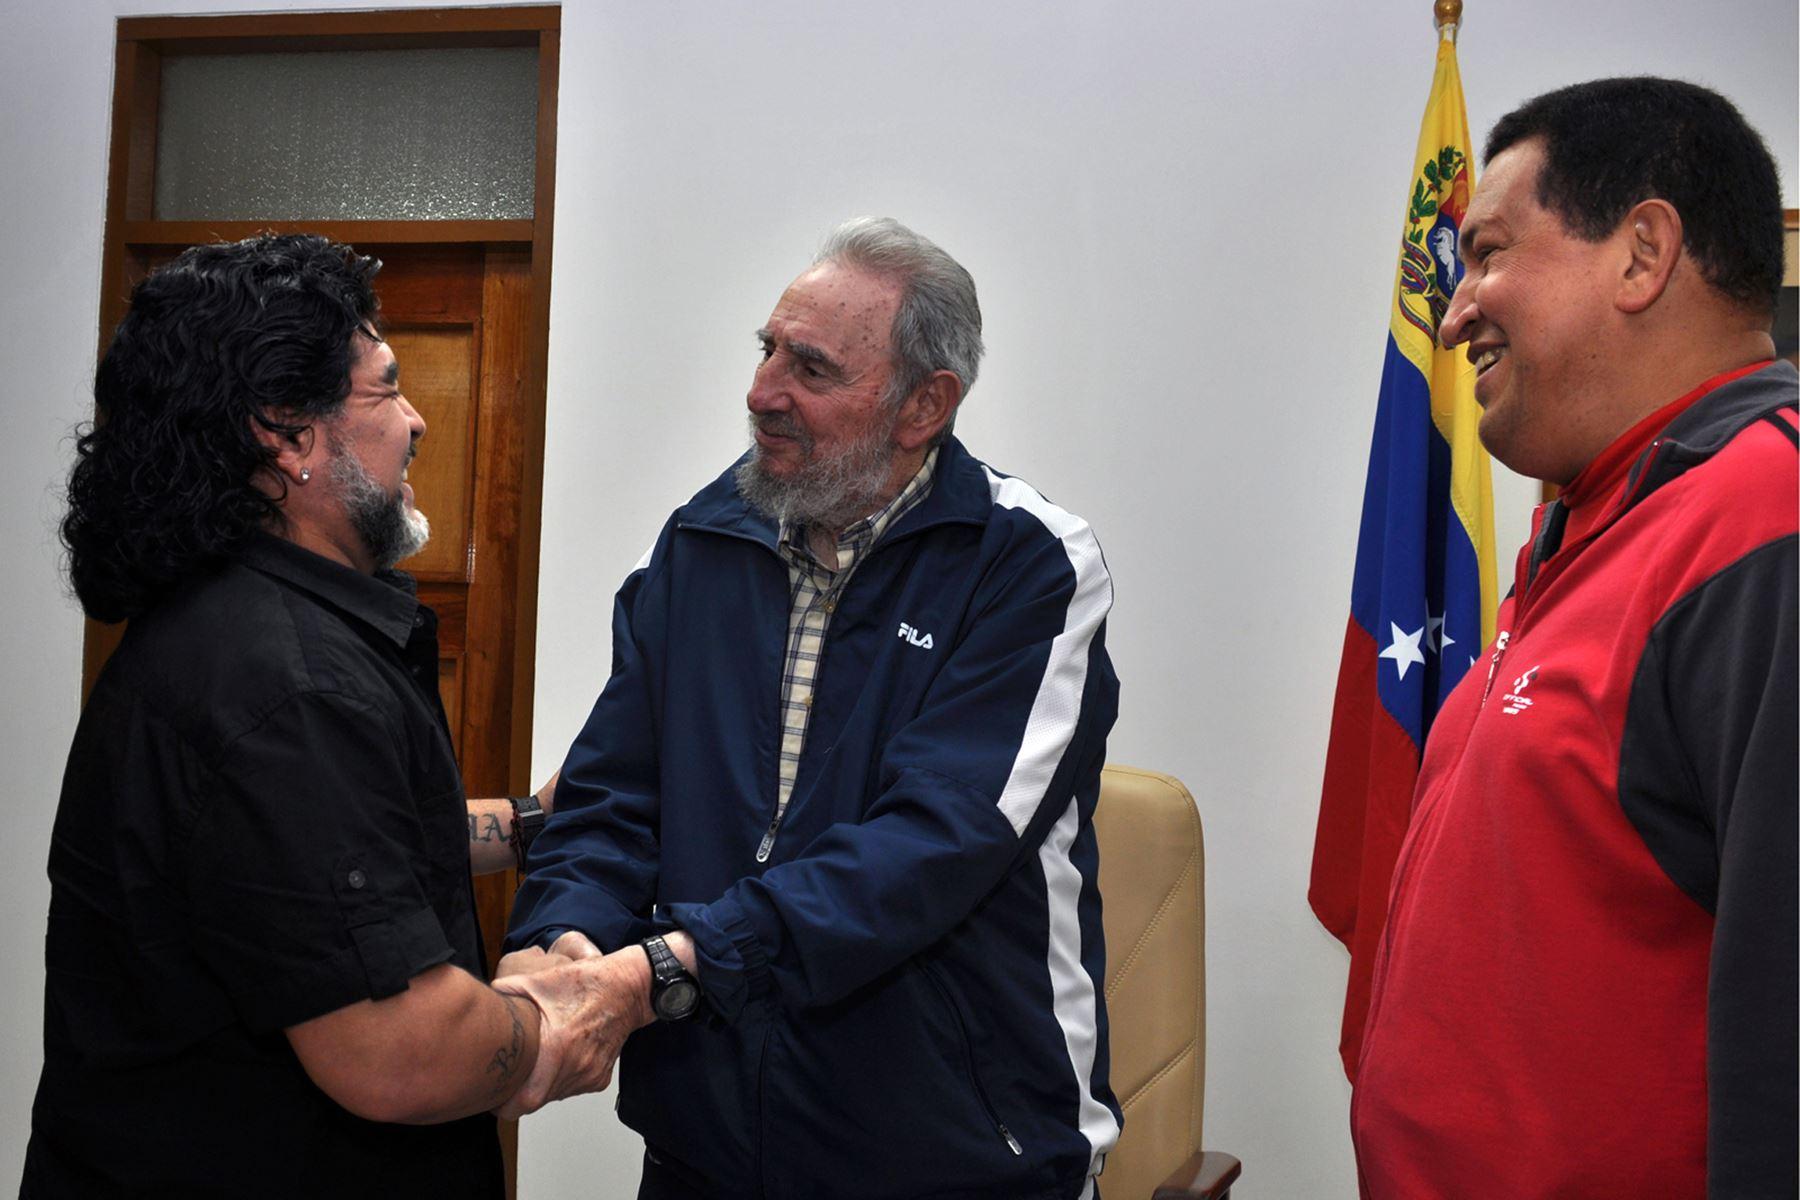 Fotografía publicada por el Ministerio de Comunicación e Información de Venezuela (Minci) muestra al presidente venezolano Hugo Chávez, el presidente cubano Fidel Castro y futbolista argentino Diego Maradona, en La Habana, el 23 de julio de 2011. Foto: AFP